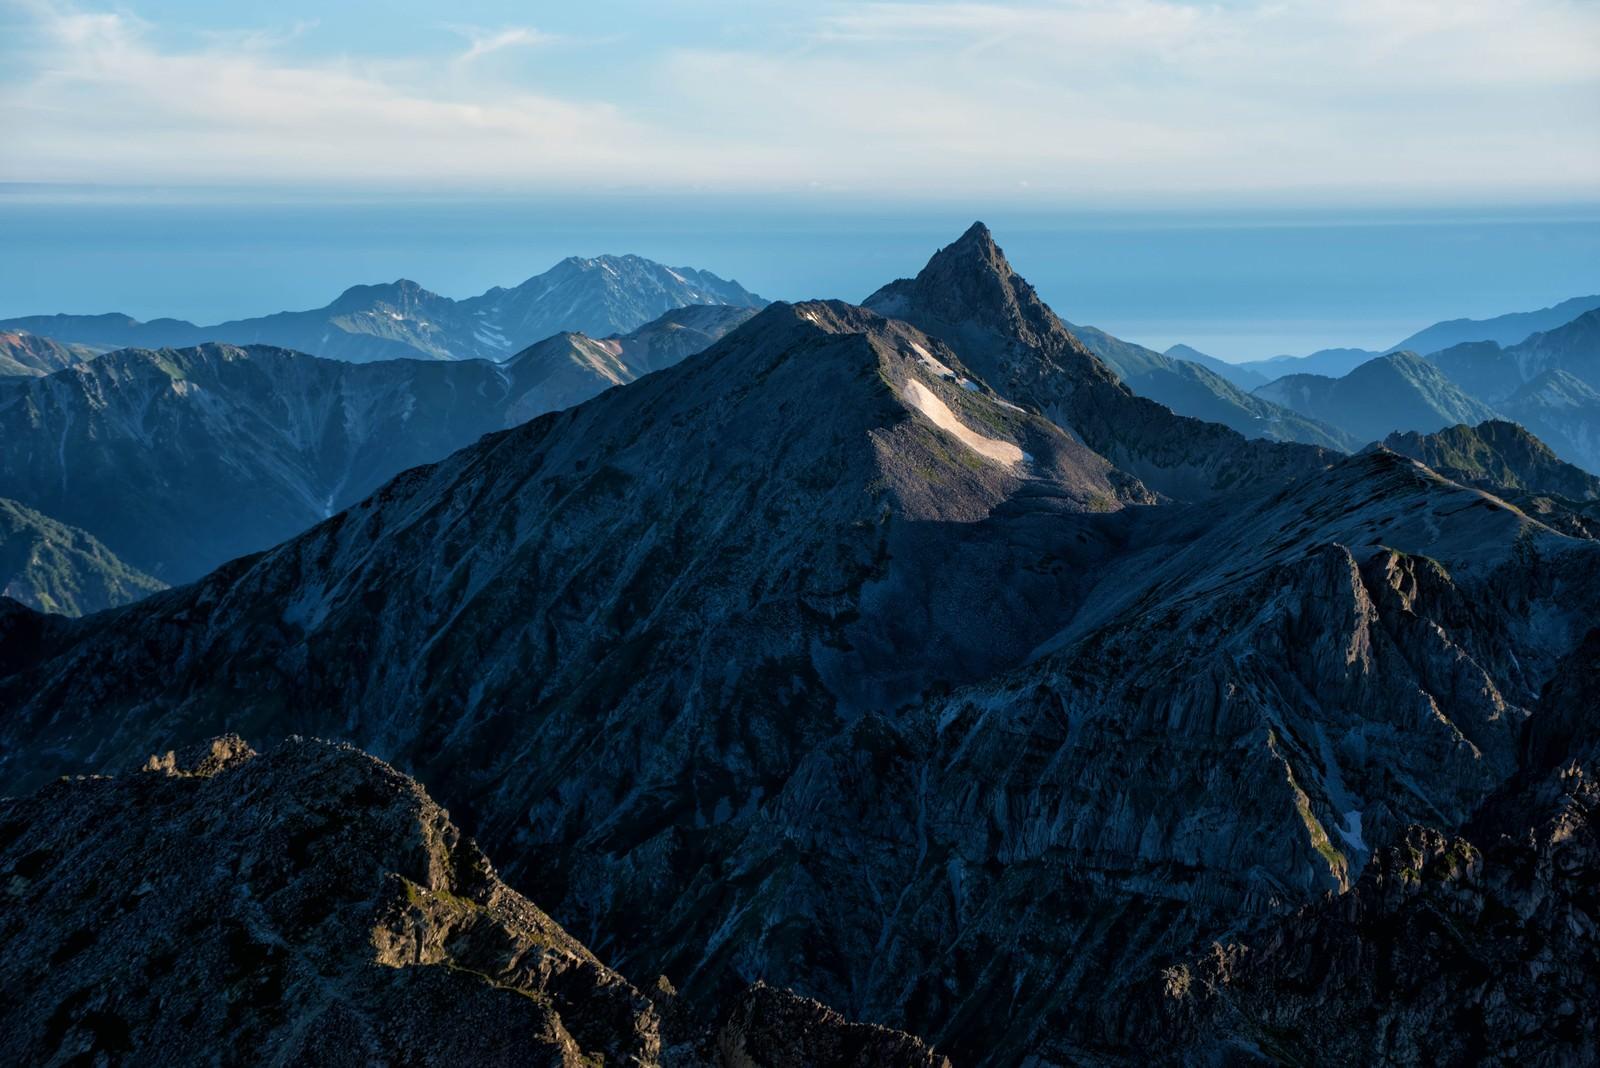 「朝日に照らされる槍ヶ岳の美しさ」の写真